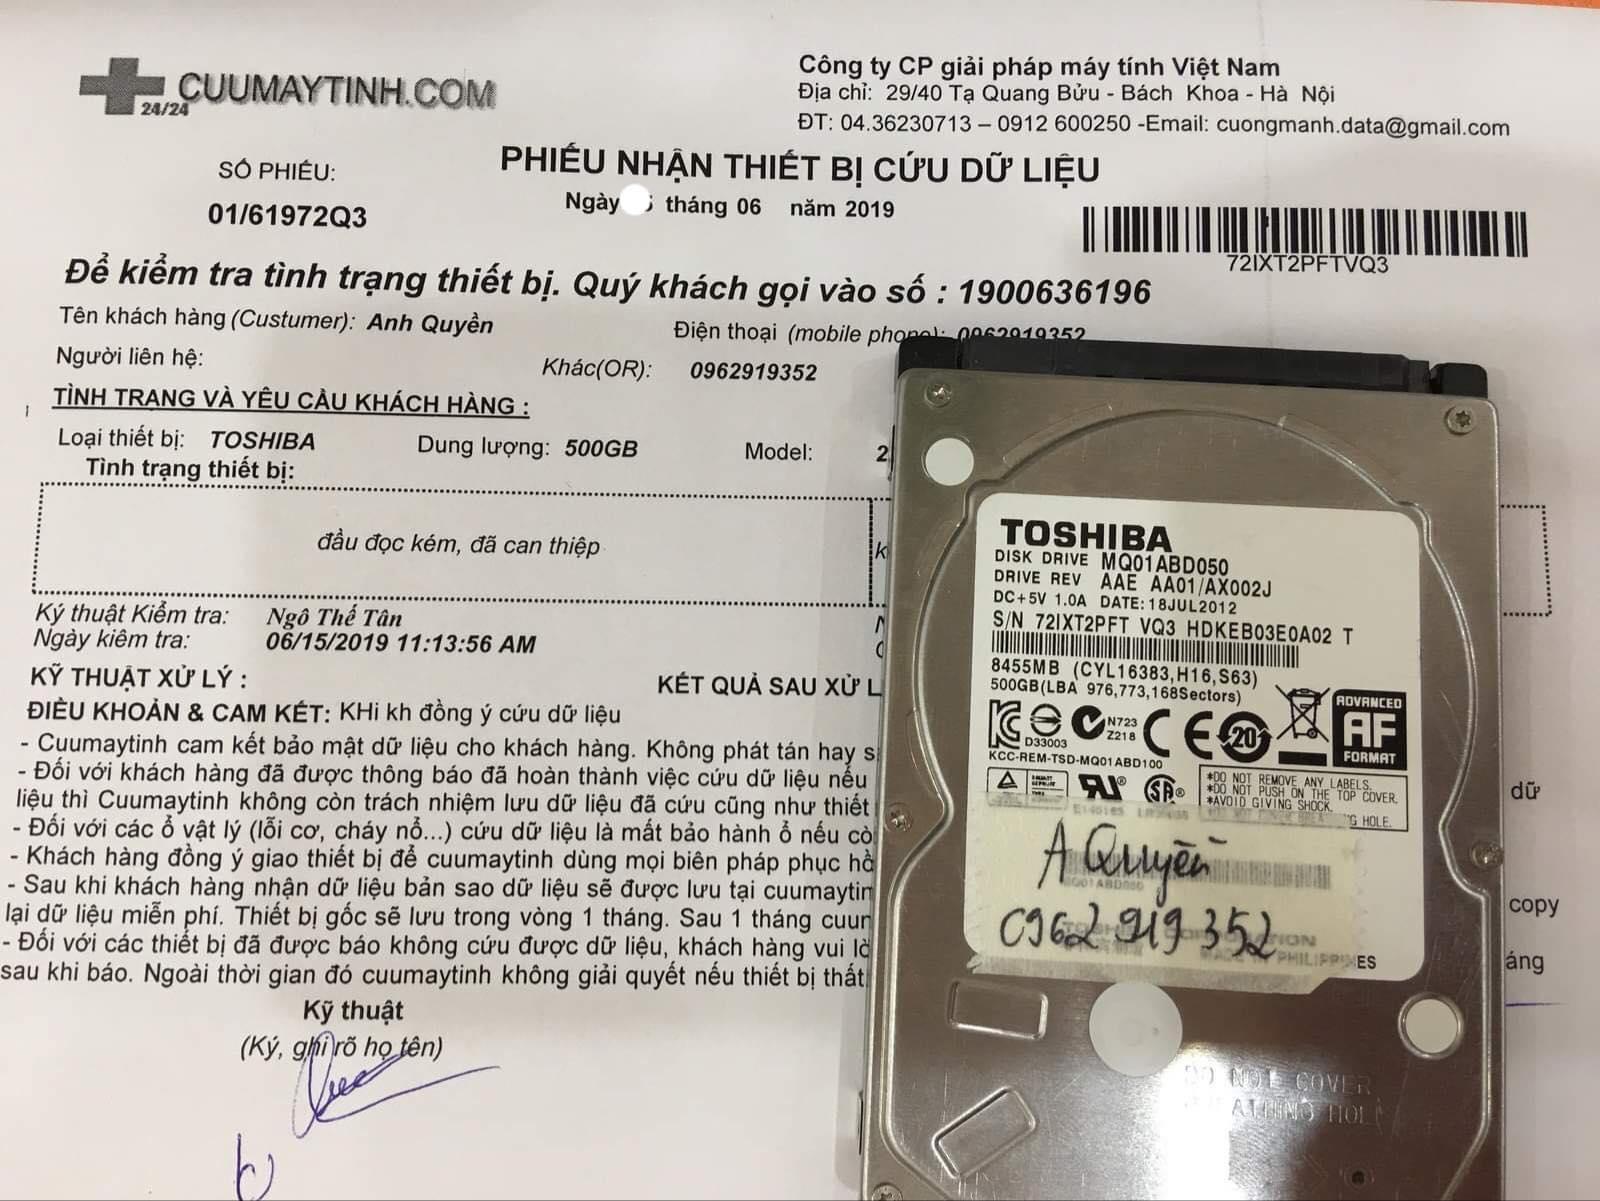 Khôi phục dữ liệu ổ cứng Toshiba 500GB đầu đọc kém 27/06/2019 - cuumaytinh